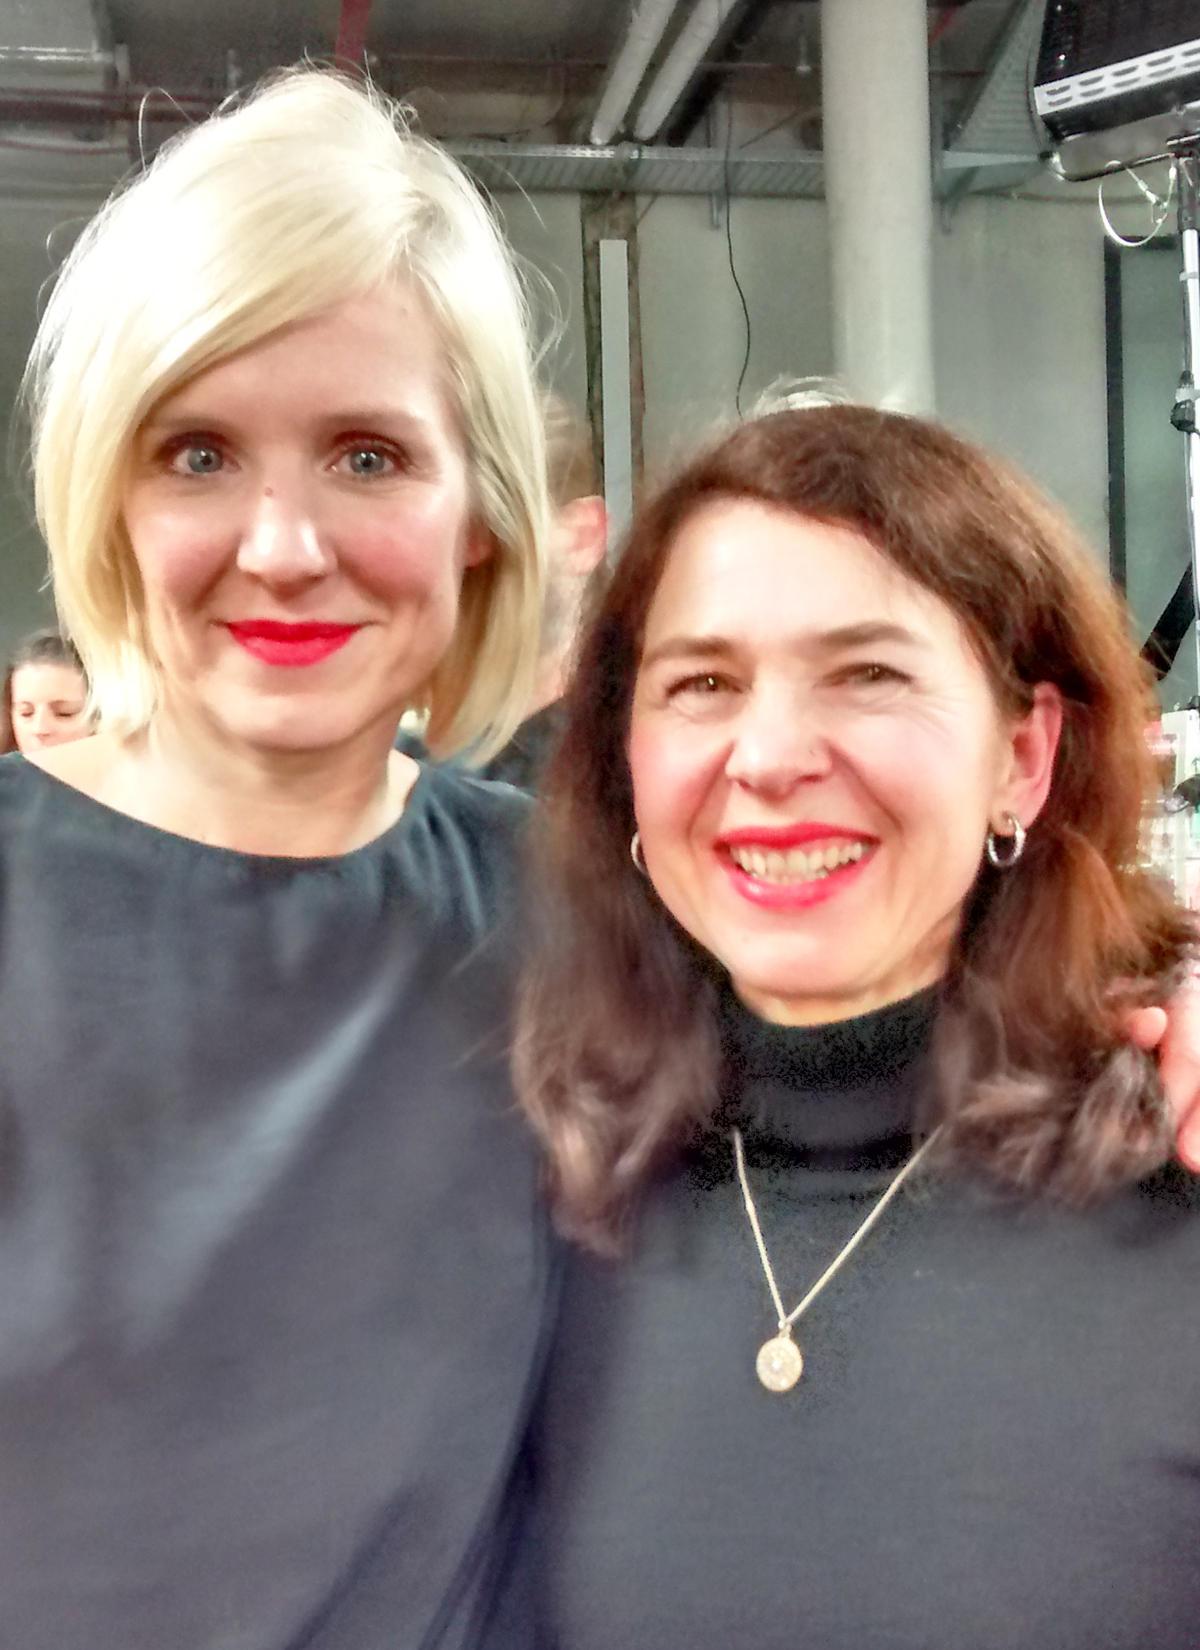 Make-up-Artist Loni Baur nimmt sich trotz größter Hektik zwischen den Schauen die Zeit für ein Gespräch mit Gala.de-Redakteurin Stefanie Behrens über die Ausdrucksmöglichkeiten in ihrem Beruf (www.lonibaur.com).